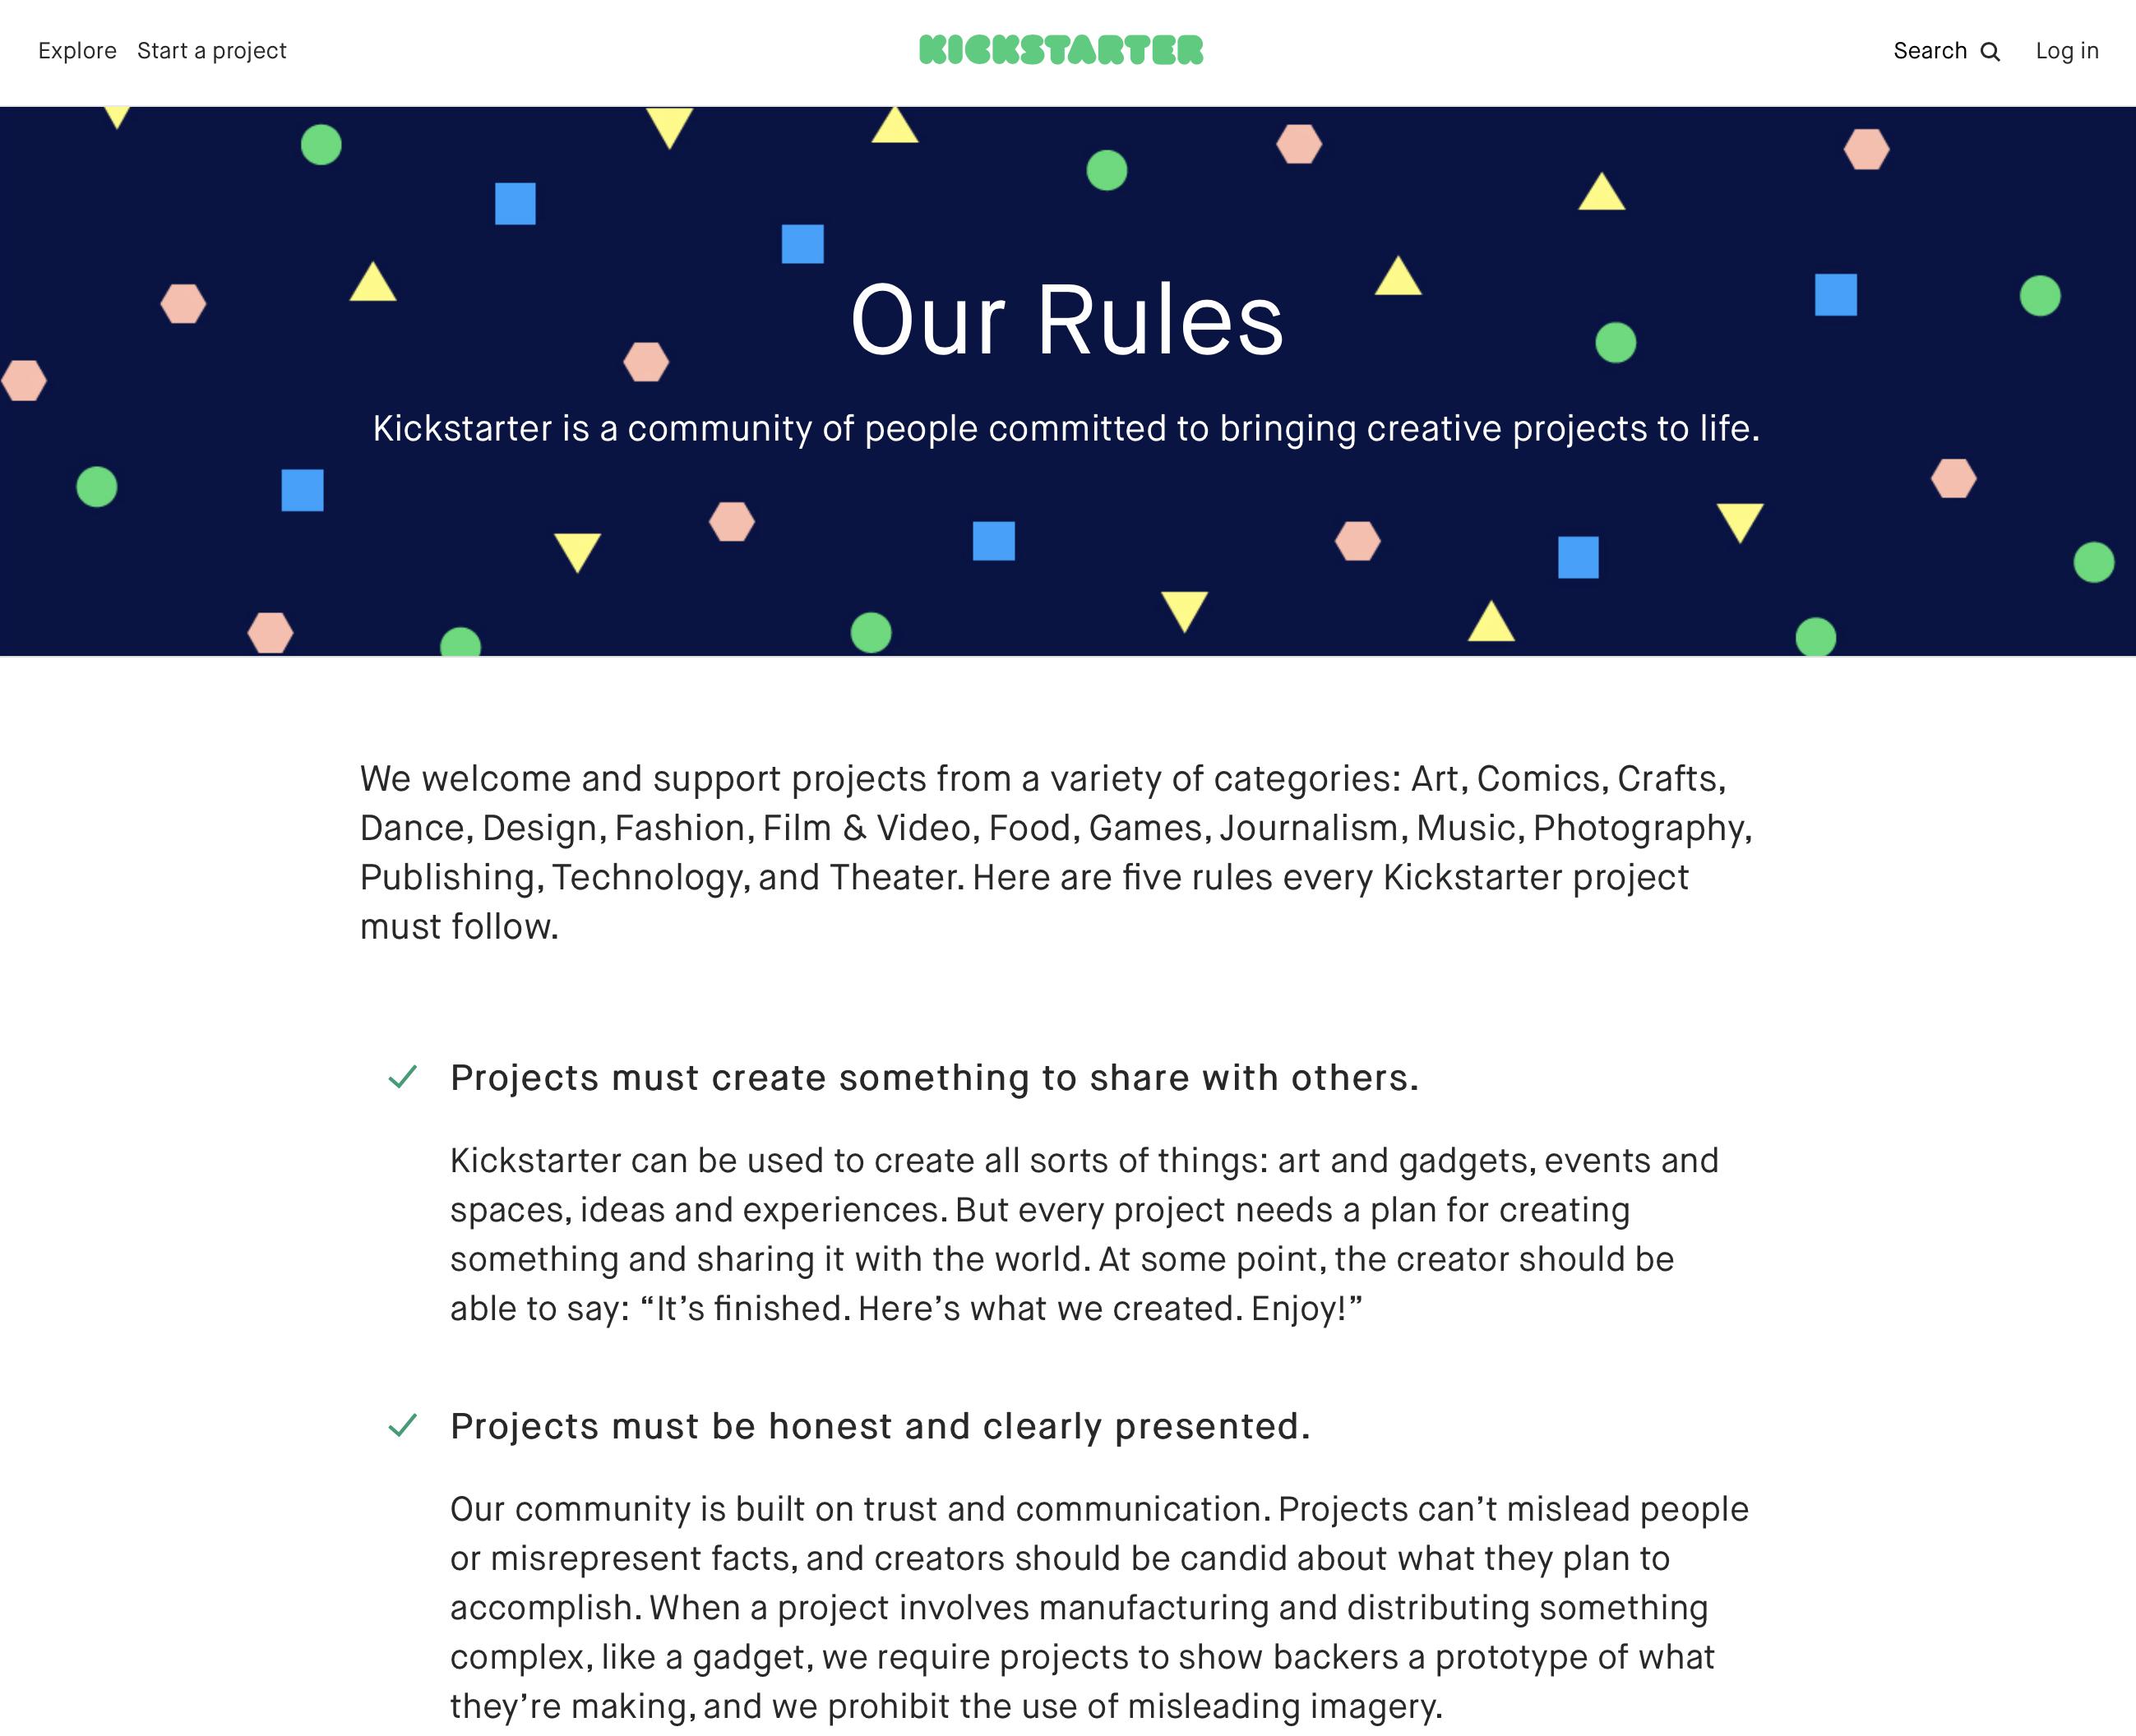 Our Rules|Kickstarter